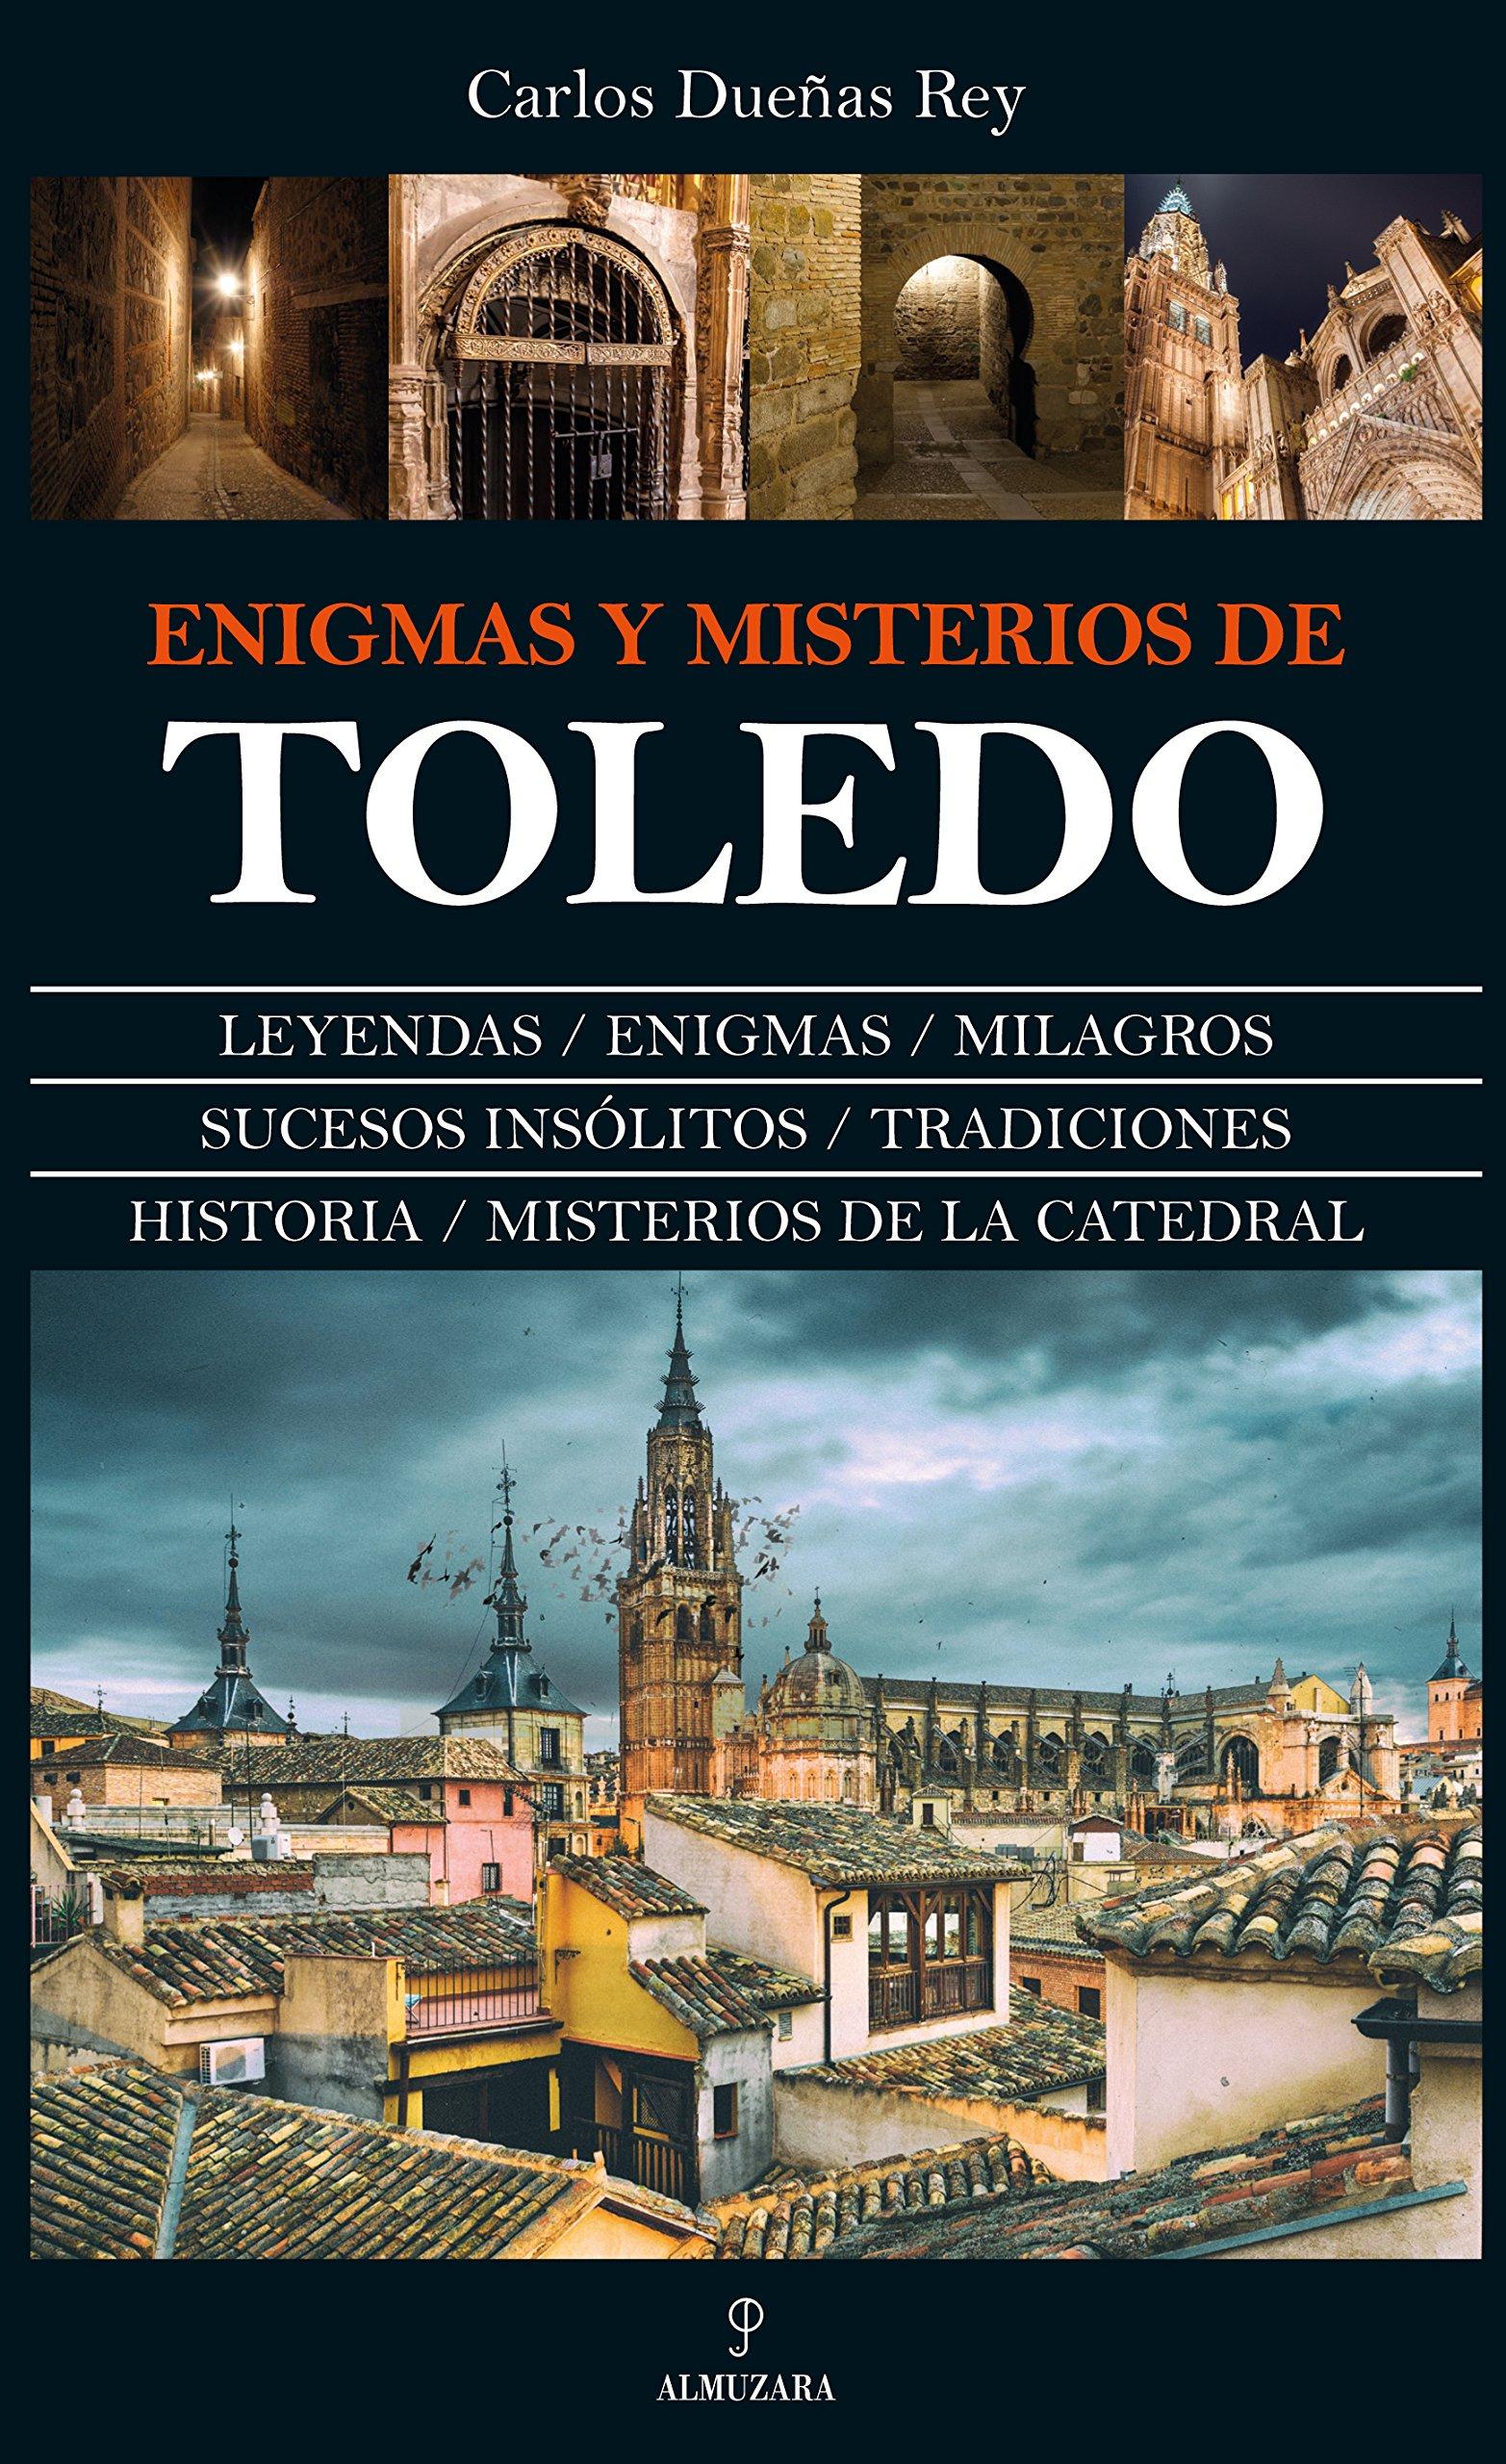 Enigmas y misterios de Toledo: Amazon.es: Dueñas Rey, Carlos: Libros